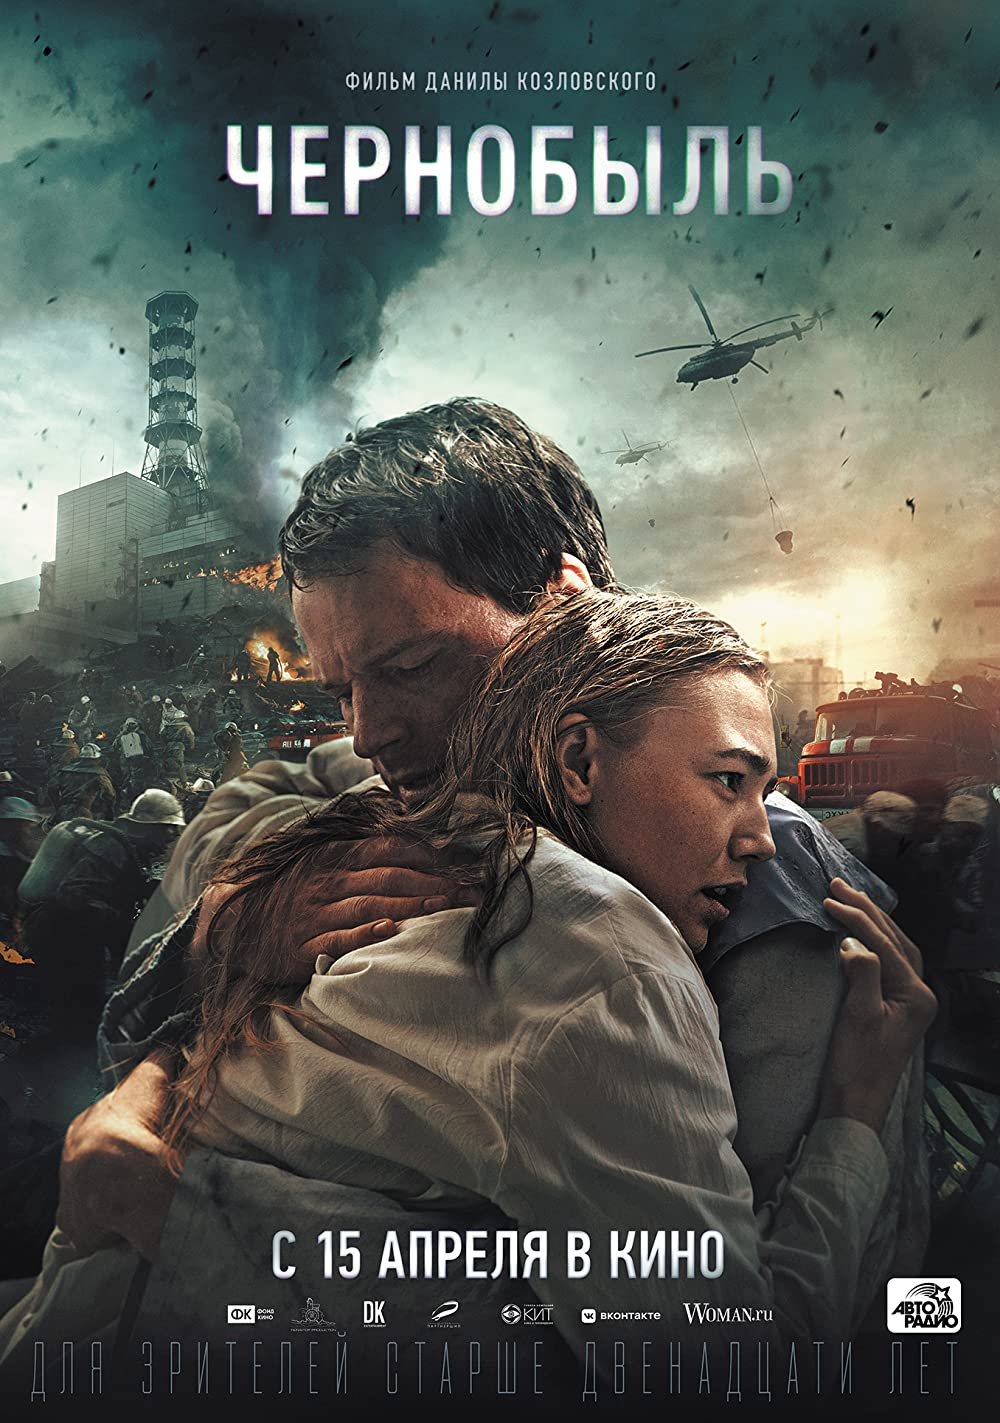 Чернобыль Пушка курган расписание сеансов